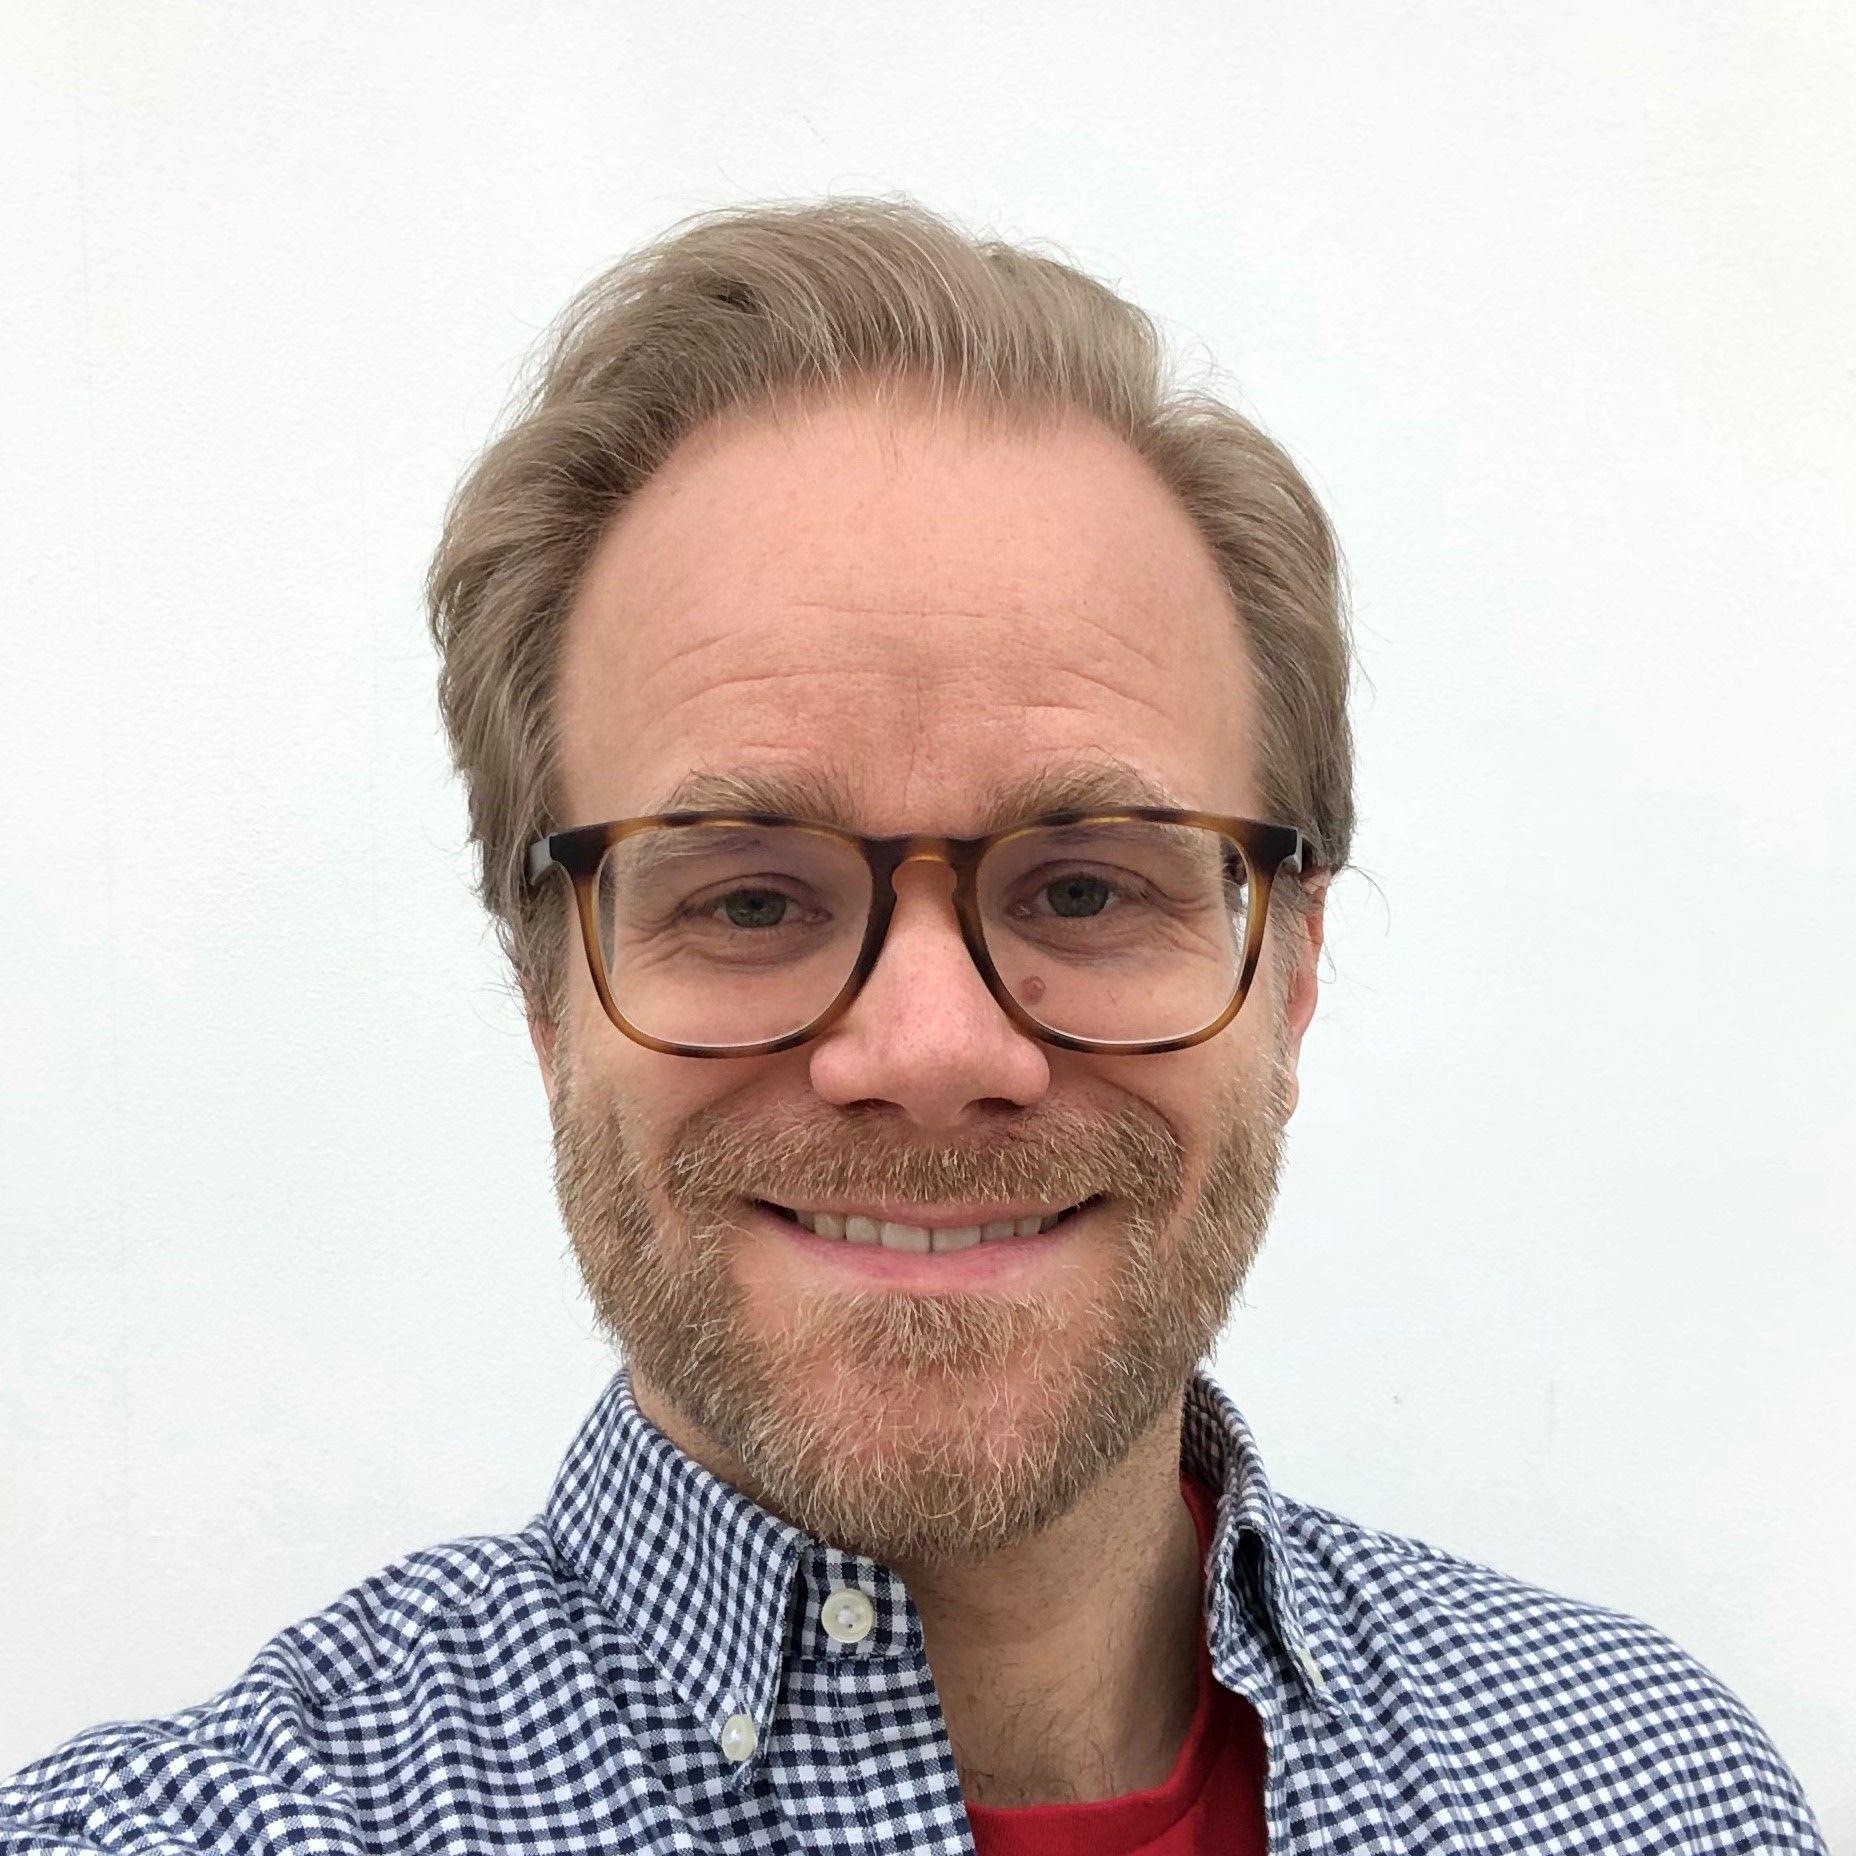 Profile picture of Gustav Markkula